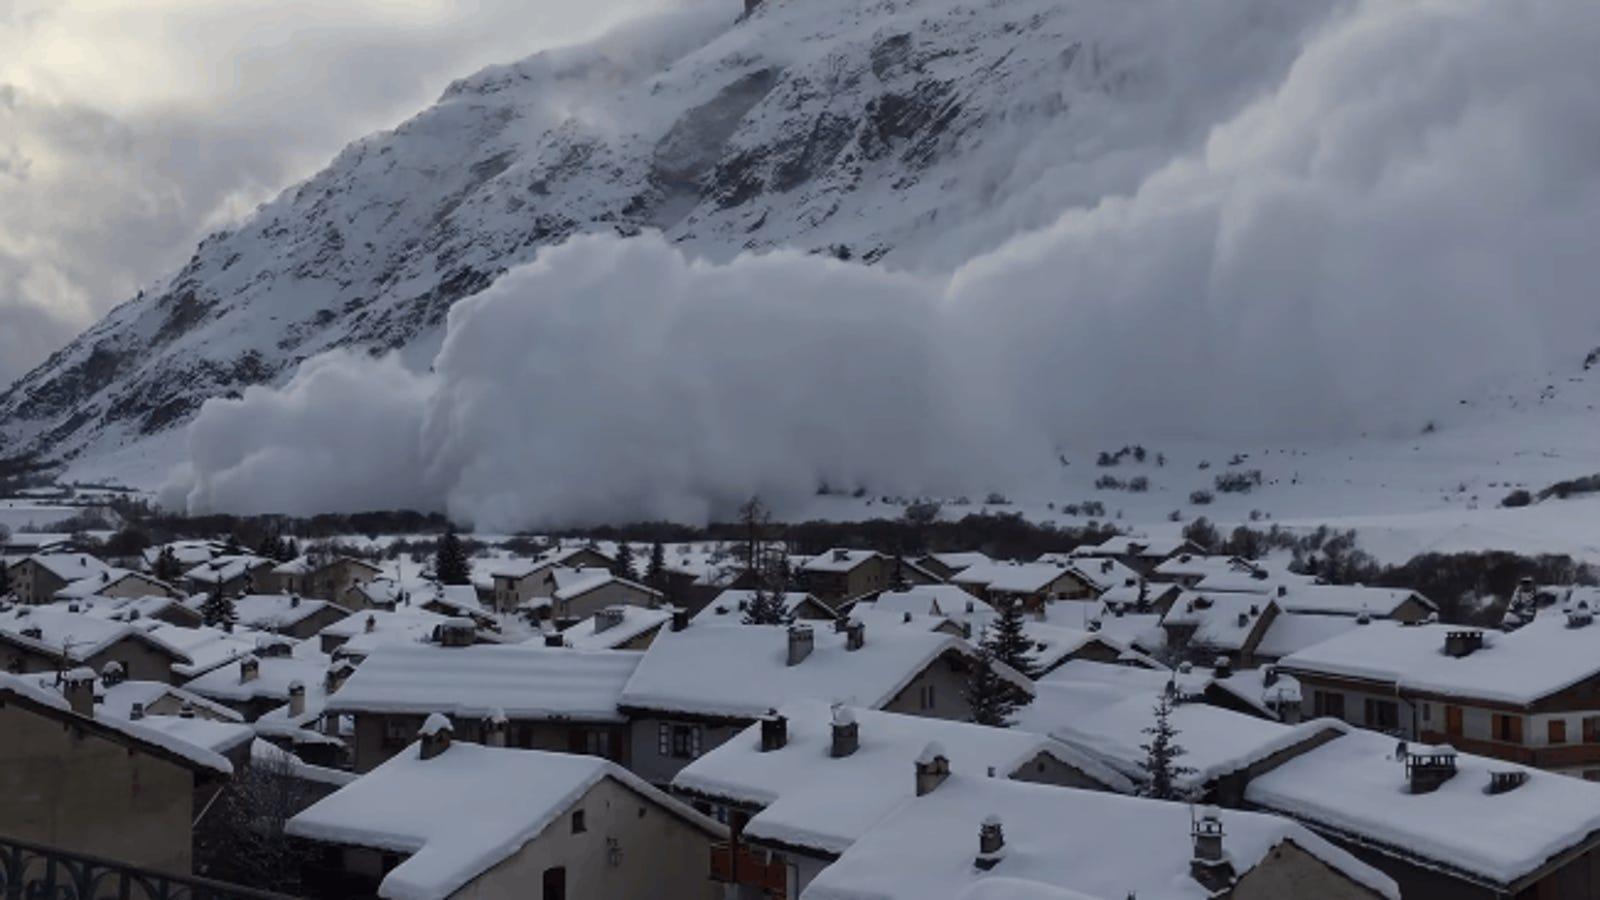 El impresionante momento en el que una avalancha devora un pequeño pueblo francés